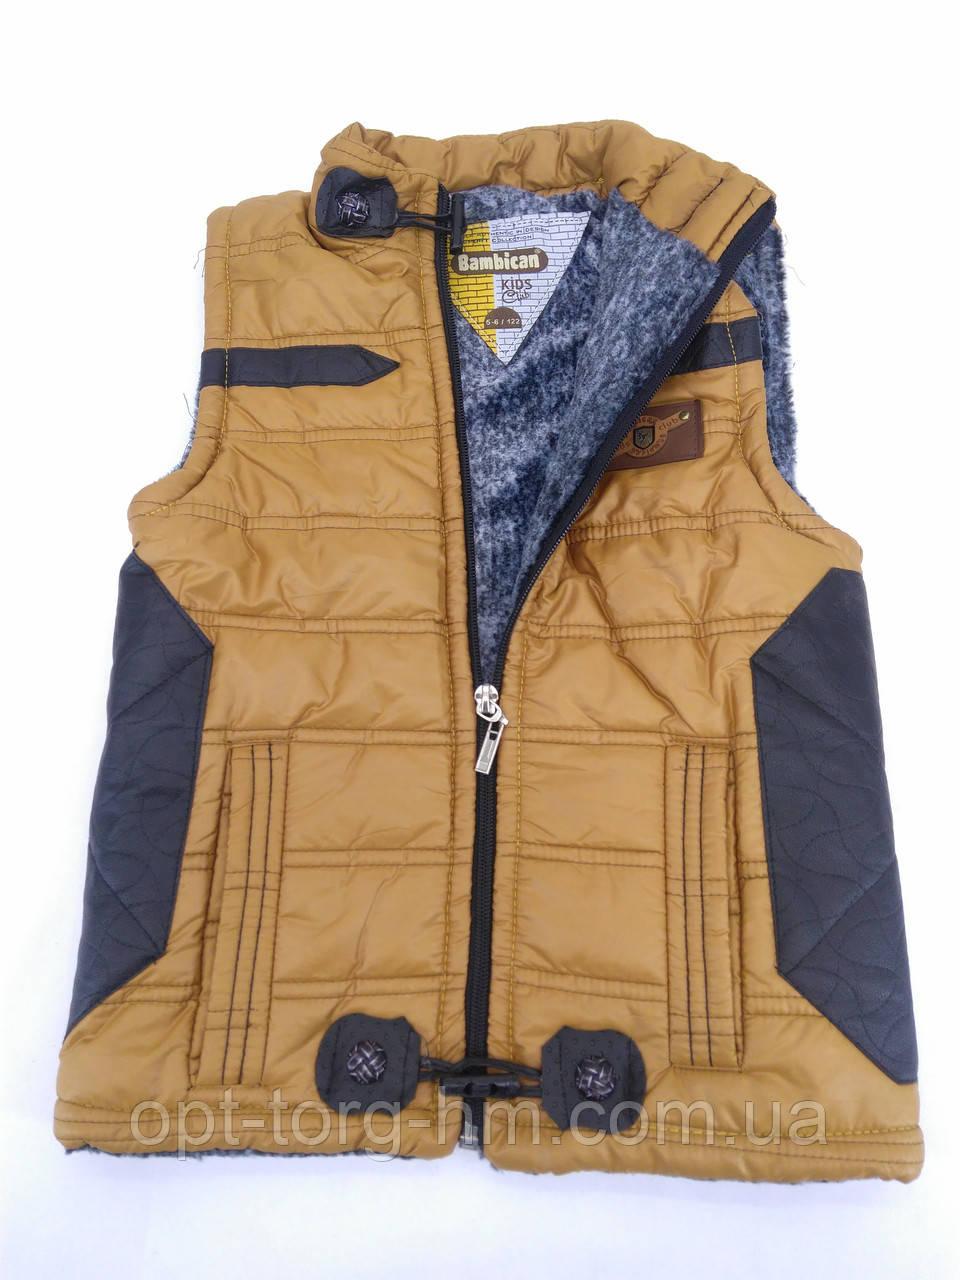 Детская жилетка для мальчика с меховой подкладкой (коричневая)